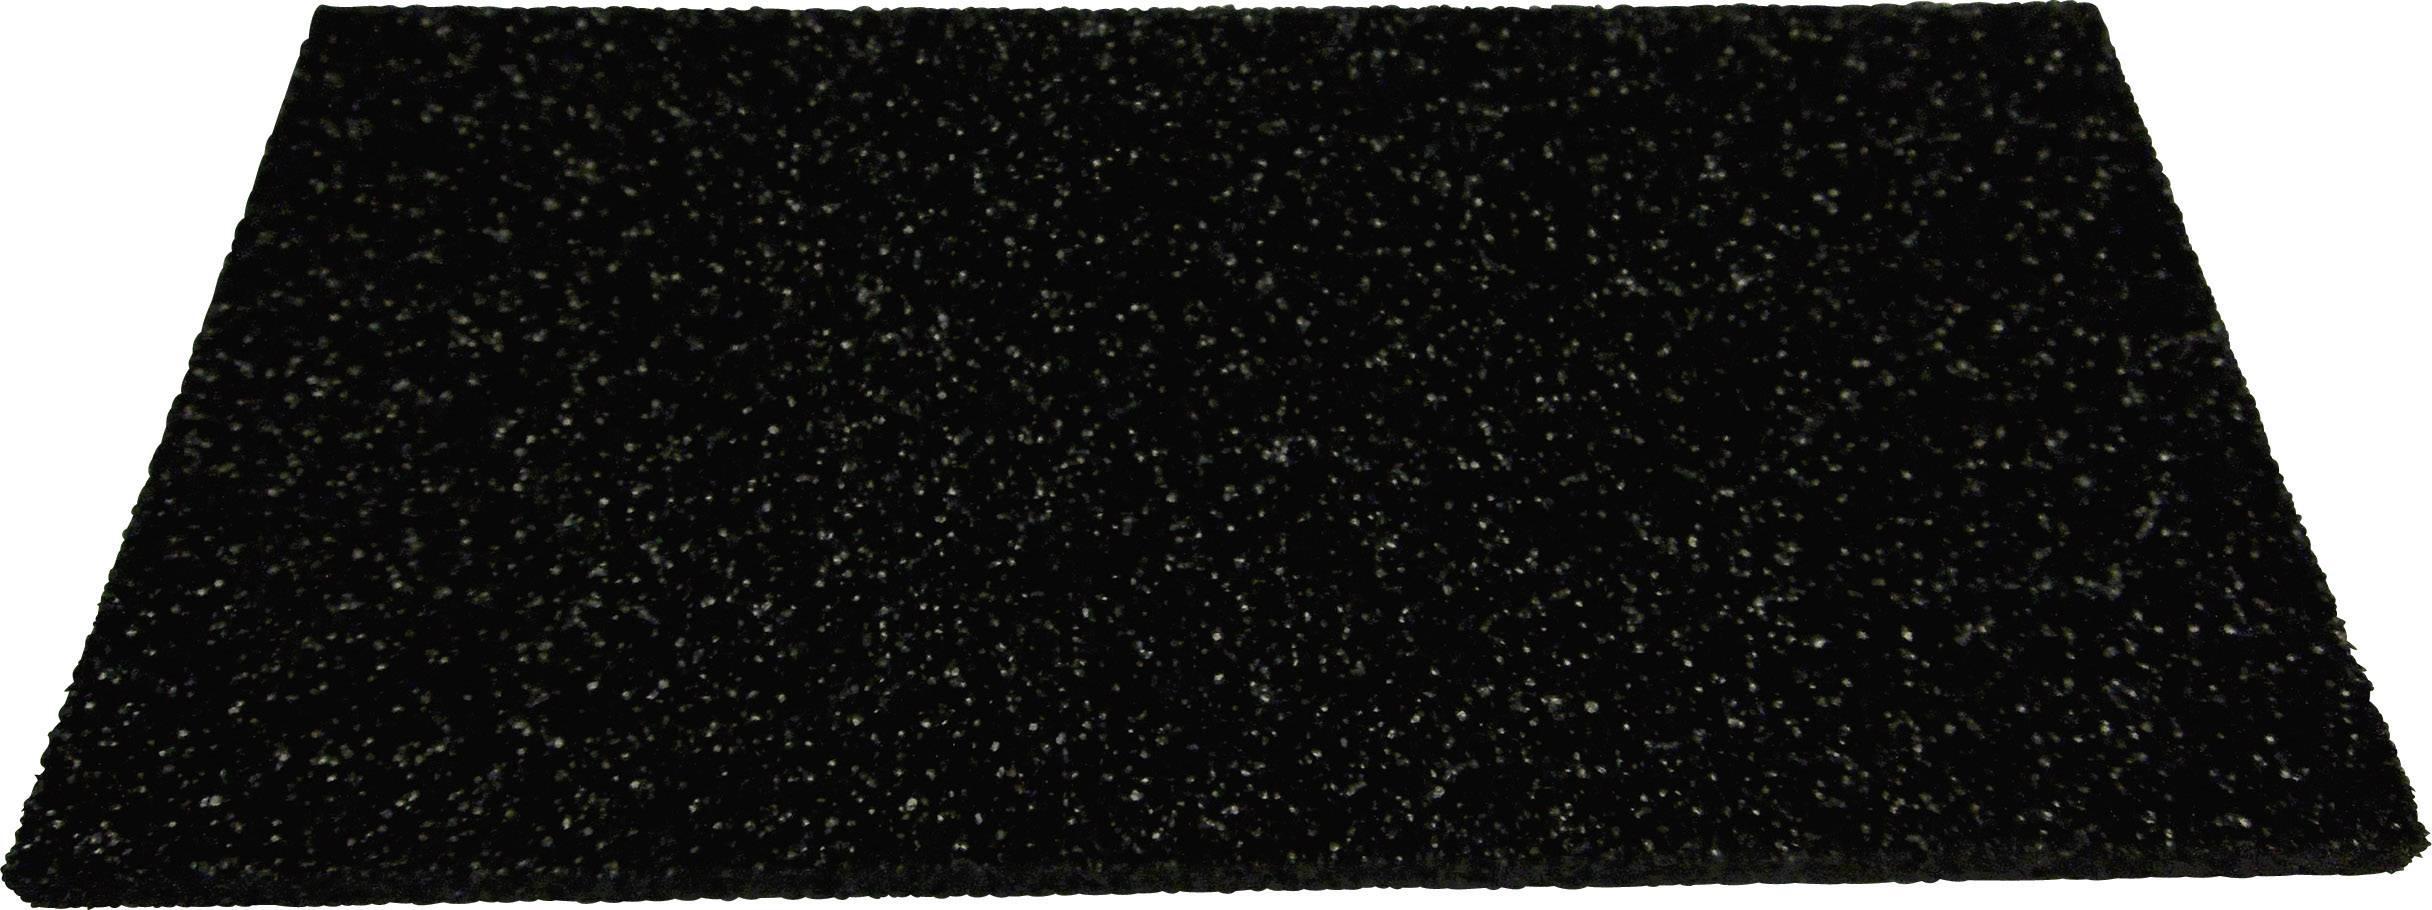 Disipativní ESD pěna, 150 x 75 x 5 mm, černá